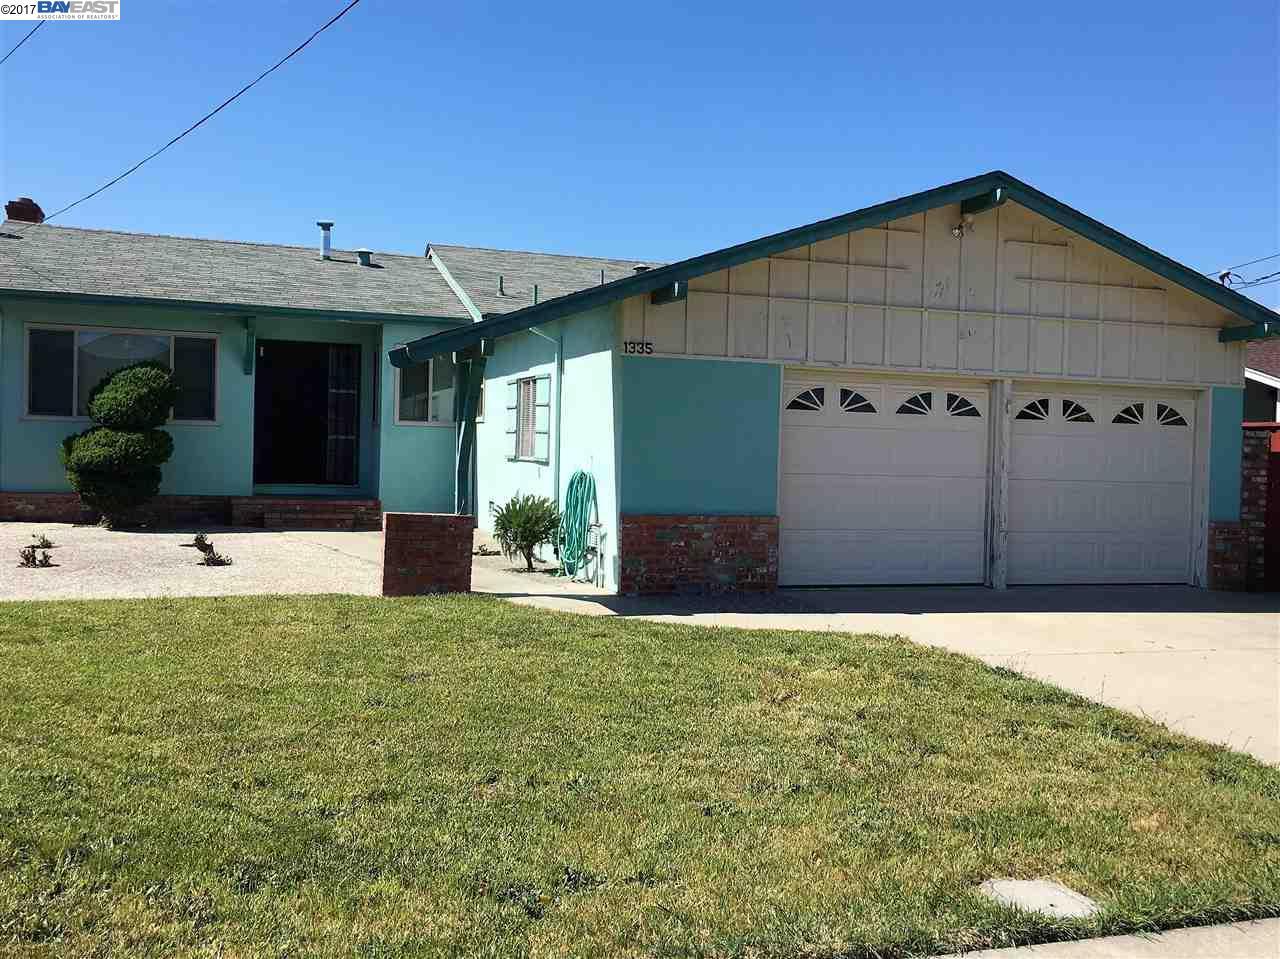 1335 Breckenridge St, SAN LEANDRO, CA 94579